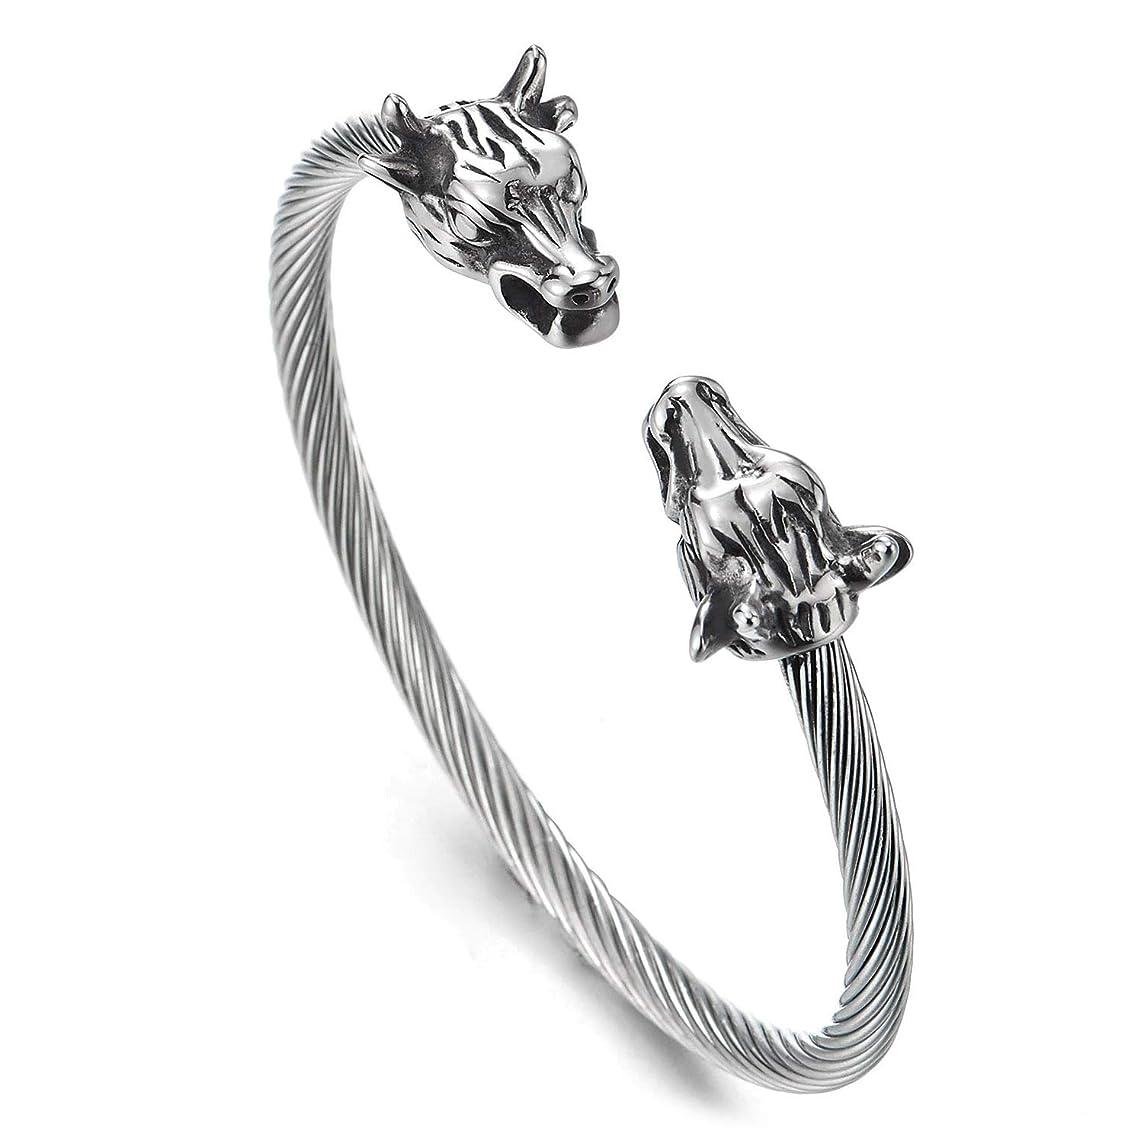 メロドラマティック女王猟犬COOLSTEELANDBEYOND メンズ ステンレススチール ビンテージ 雄牛の頭 ツイストケーブル バングル カフブレスレット パンクロック 調整可能